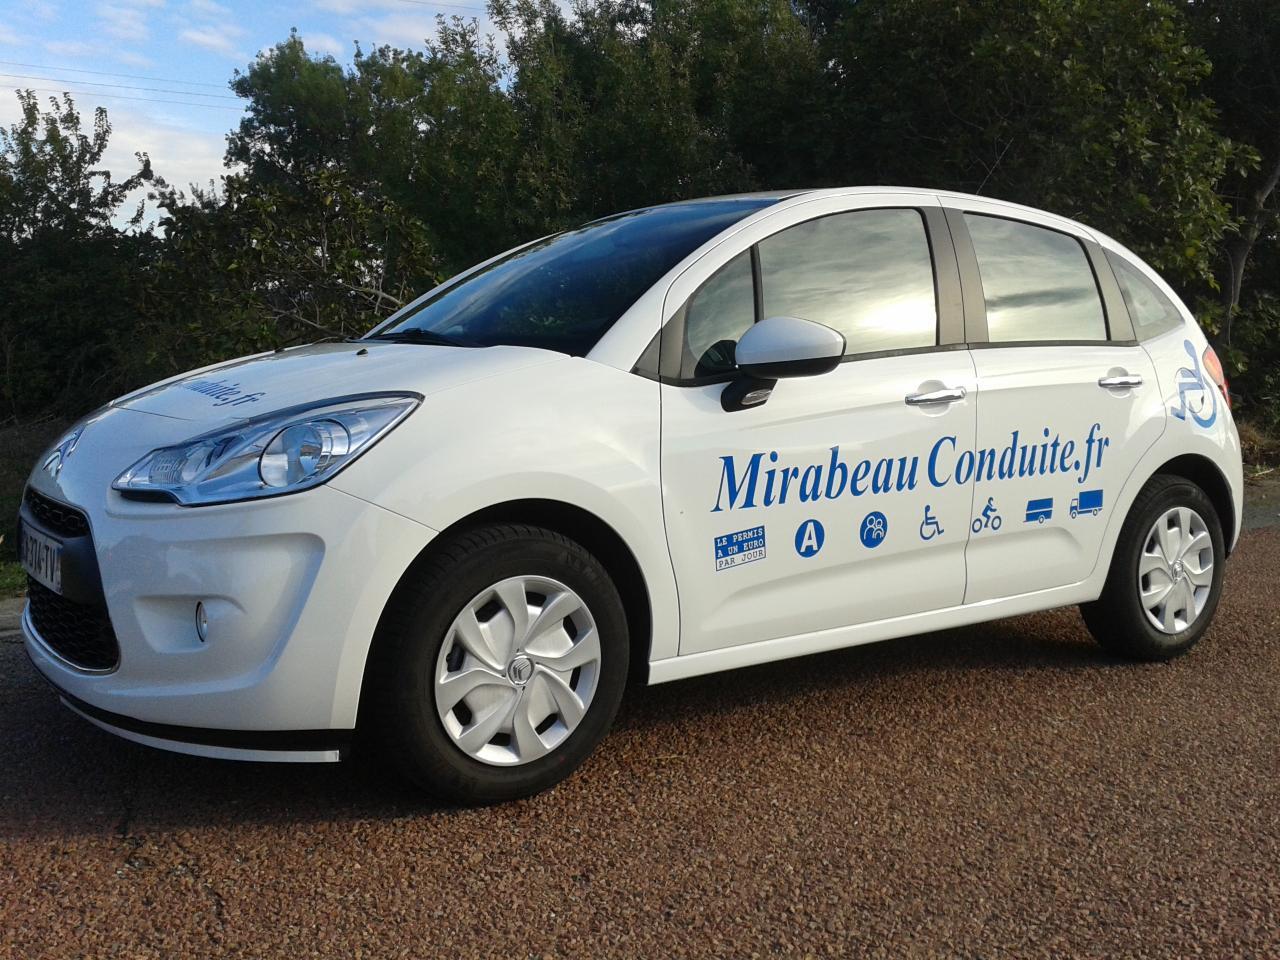 c3 Mirabeau Conduite